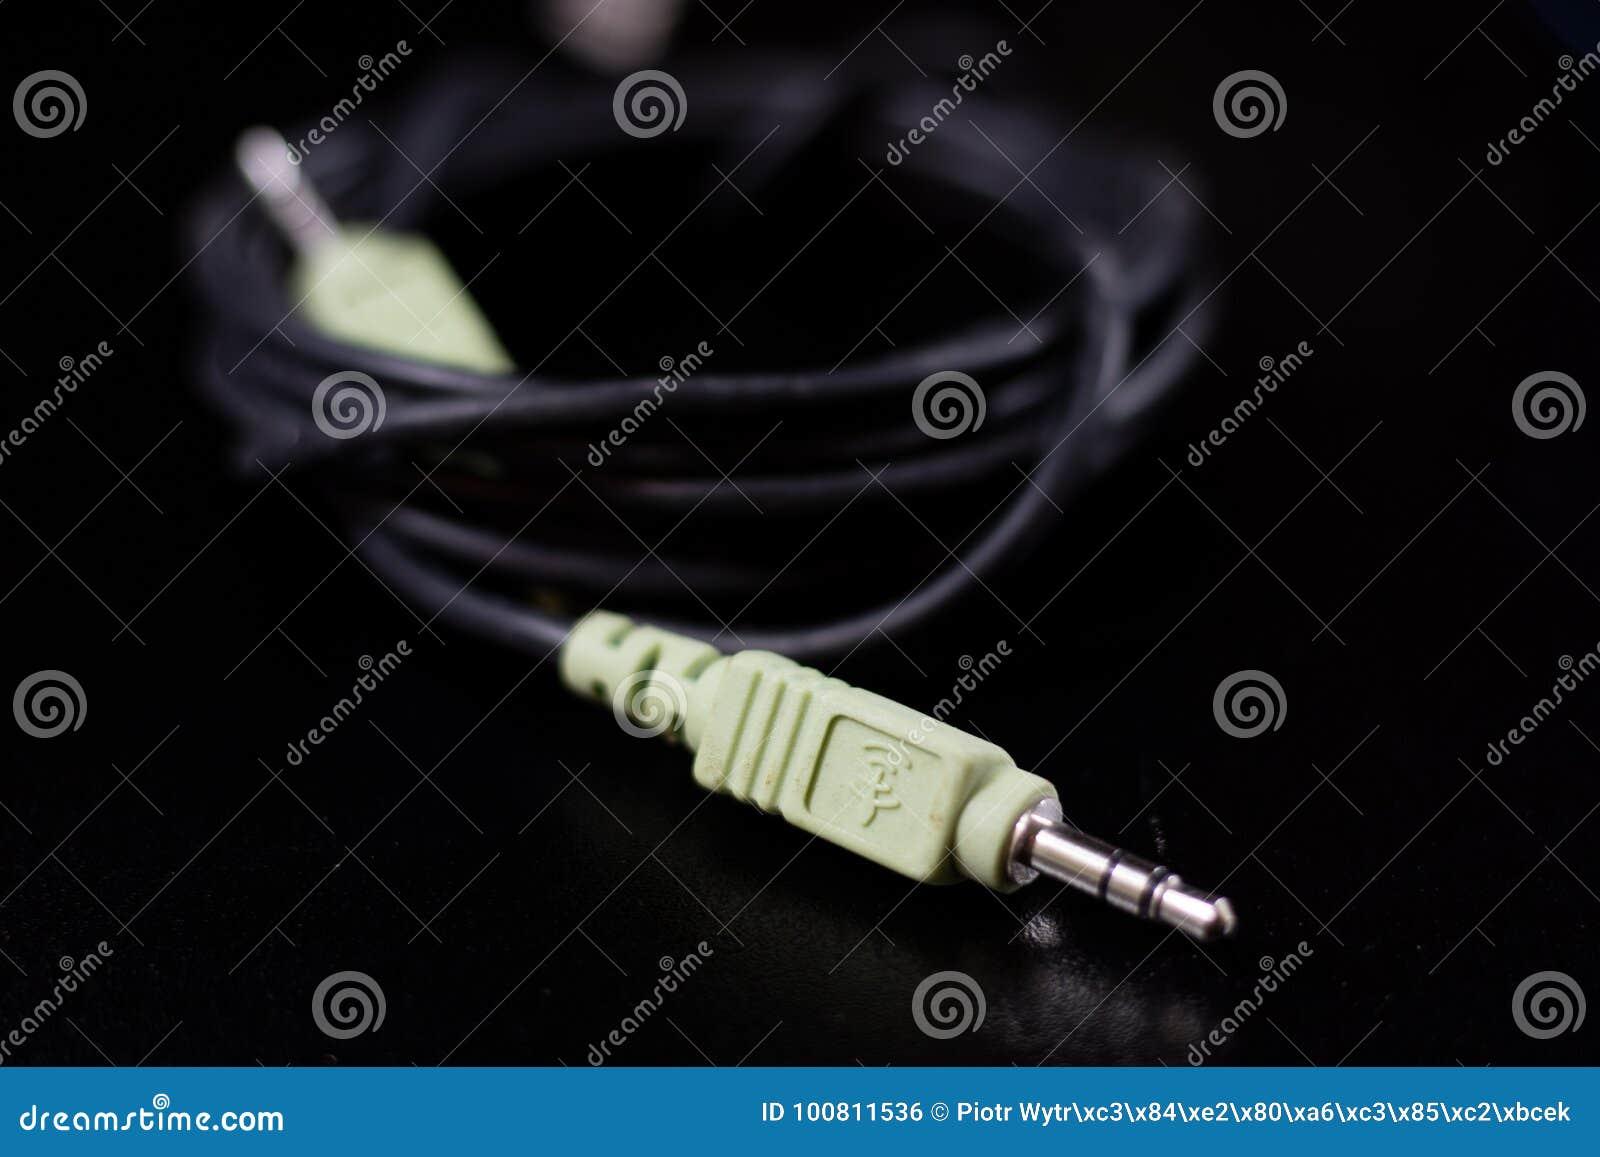 Παλαιά μπλεγμένα καλώδια, ηλεκτρονική και παλαιοί συνδετήρες καλωδίων στο α